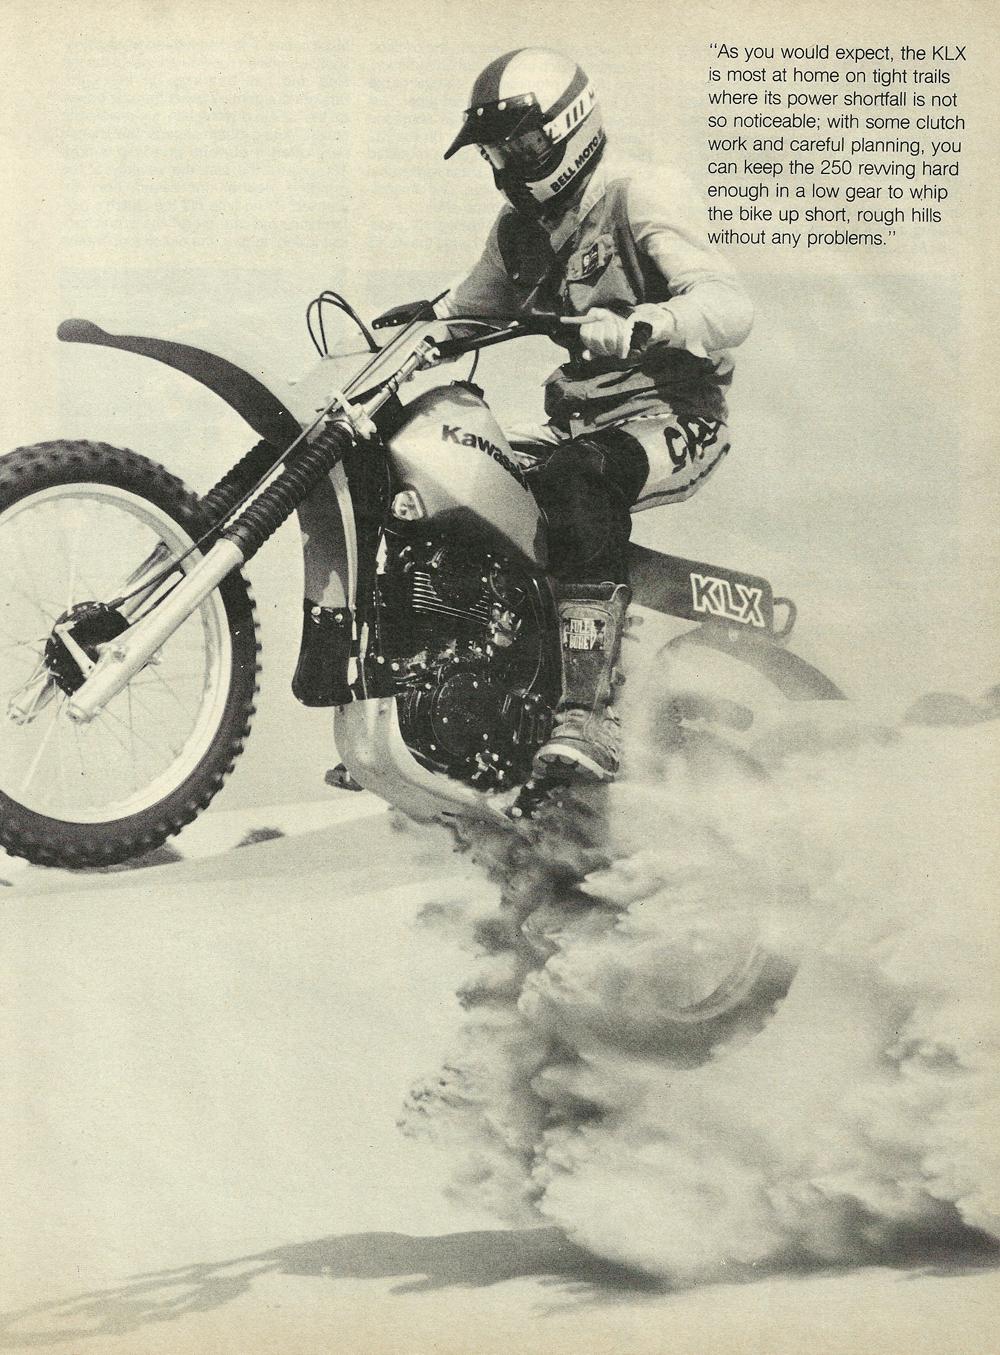 1979 Kawasaki KLX250 off road test 6.jpg